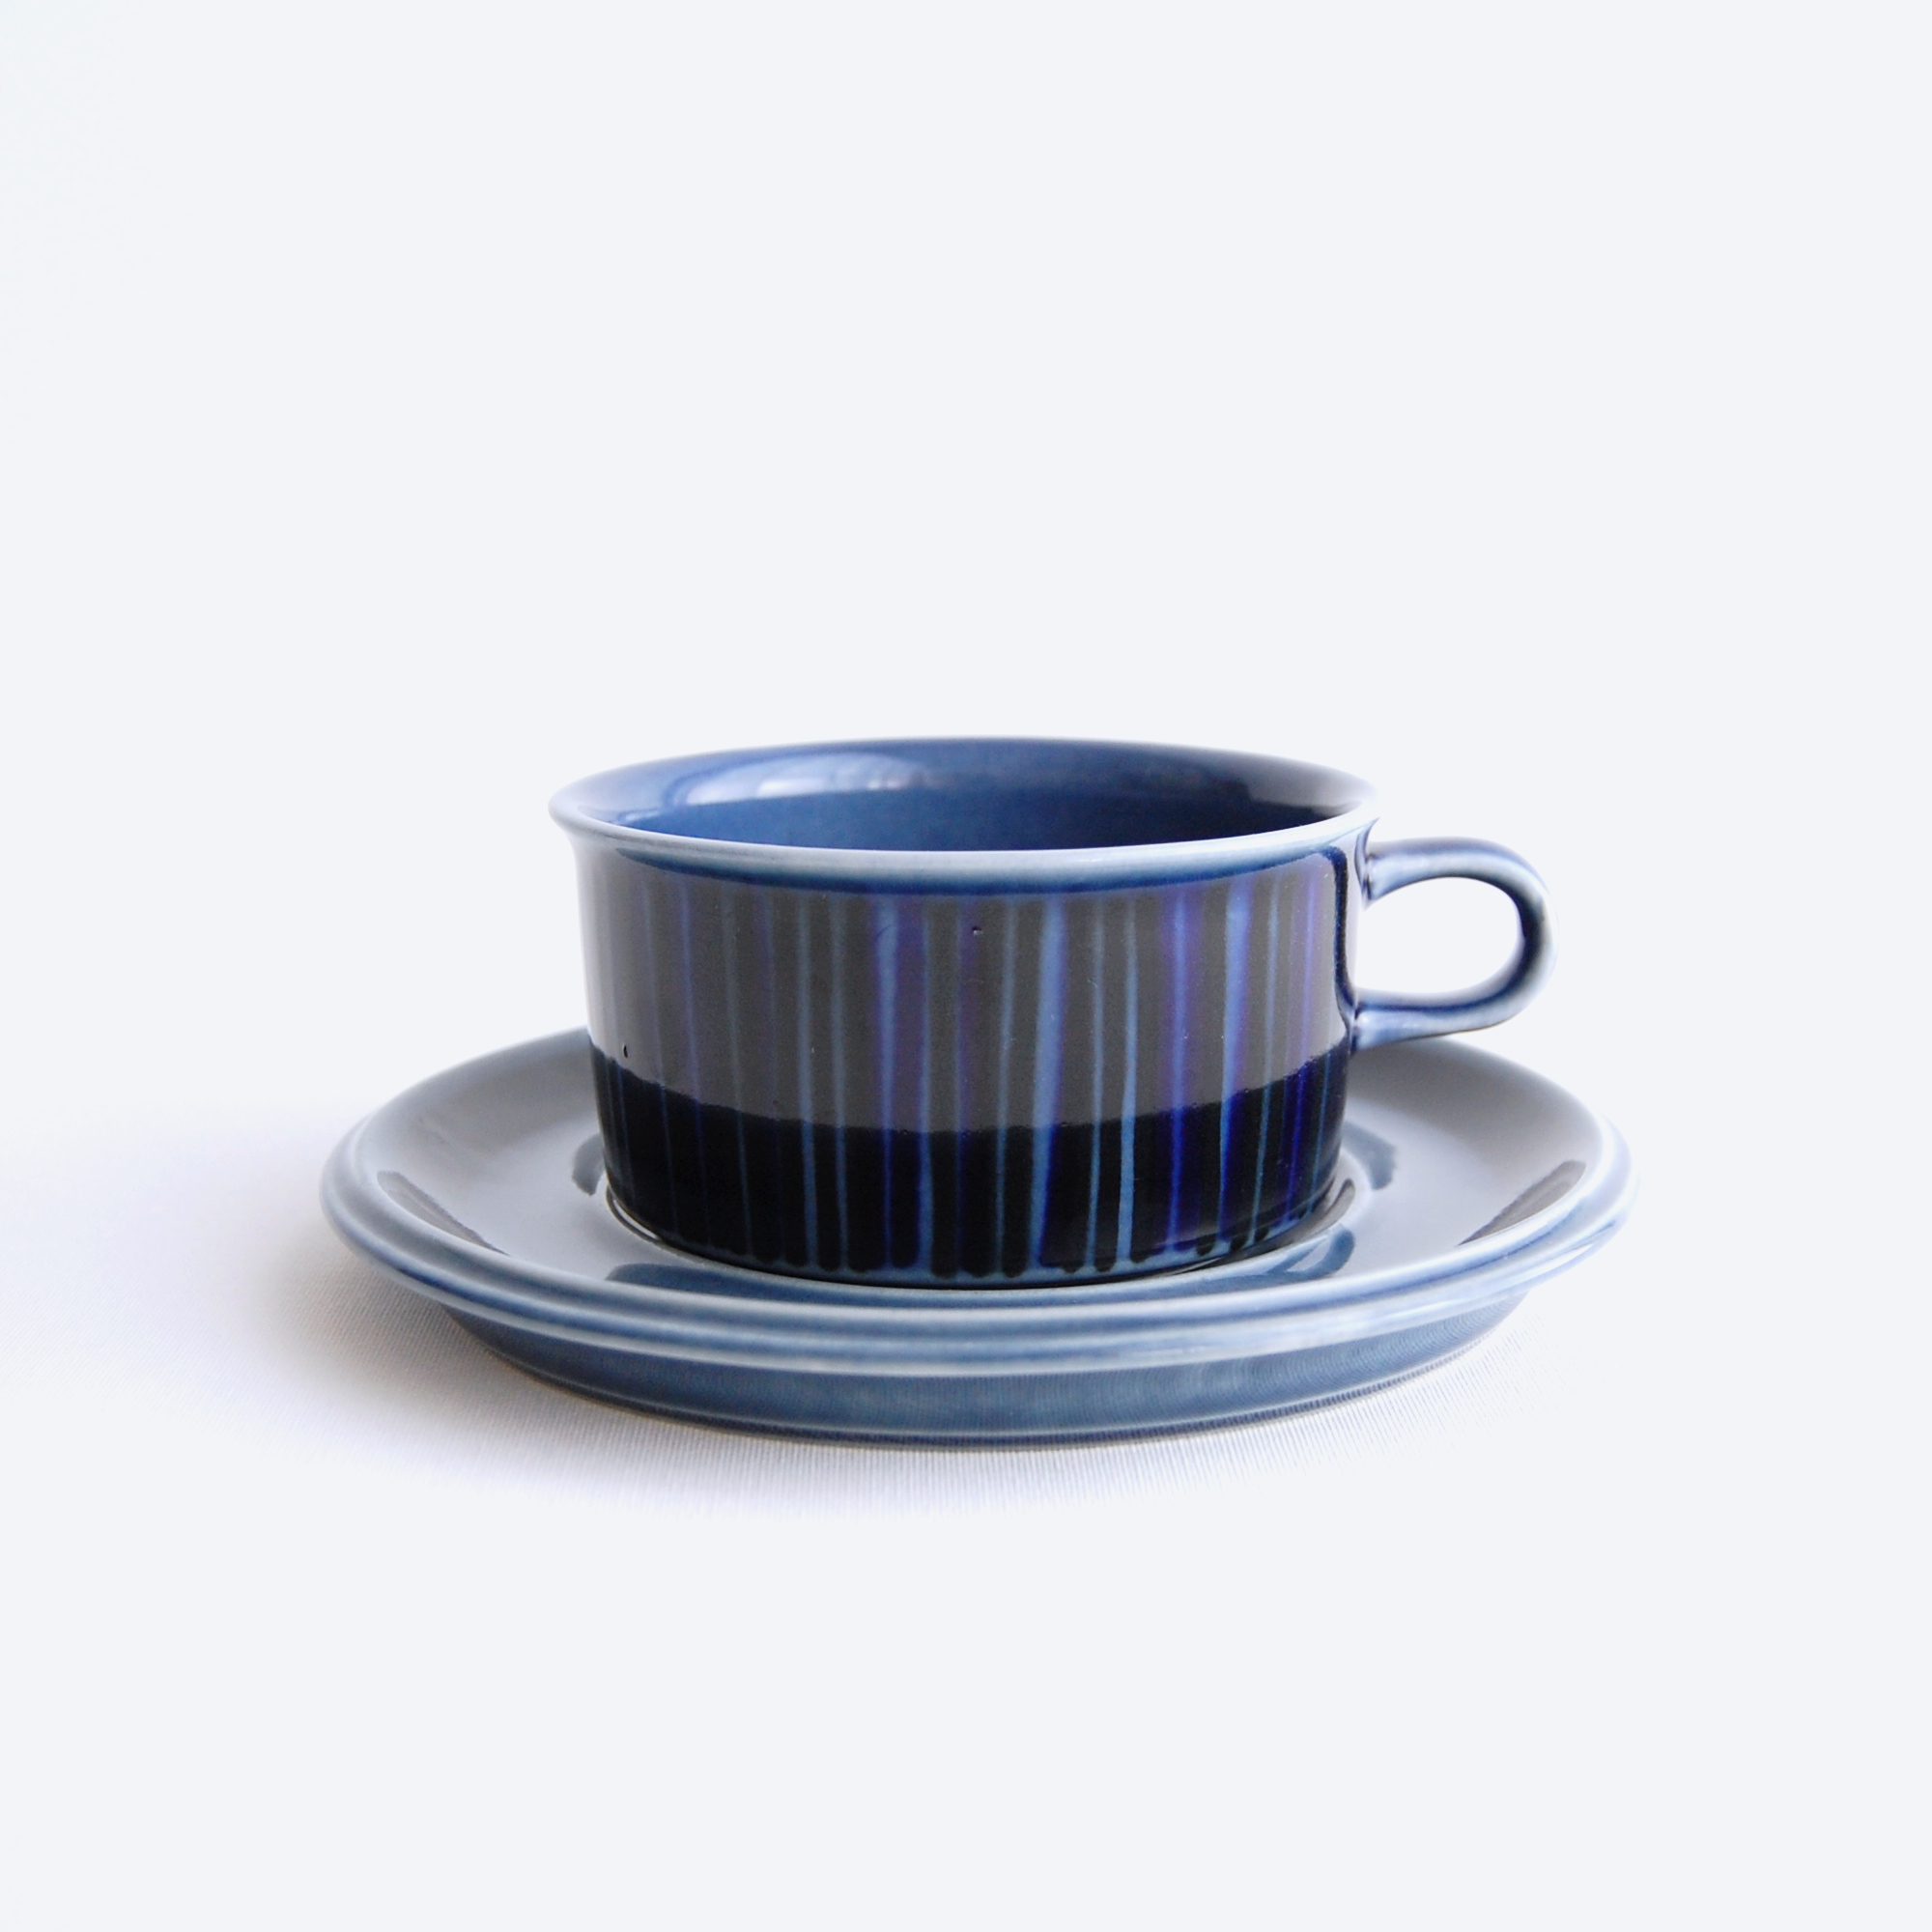 ARABIA/アラビア Kosmos/コスモス(ブルー) ティーカップ&ソーサー 004